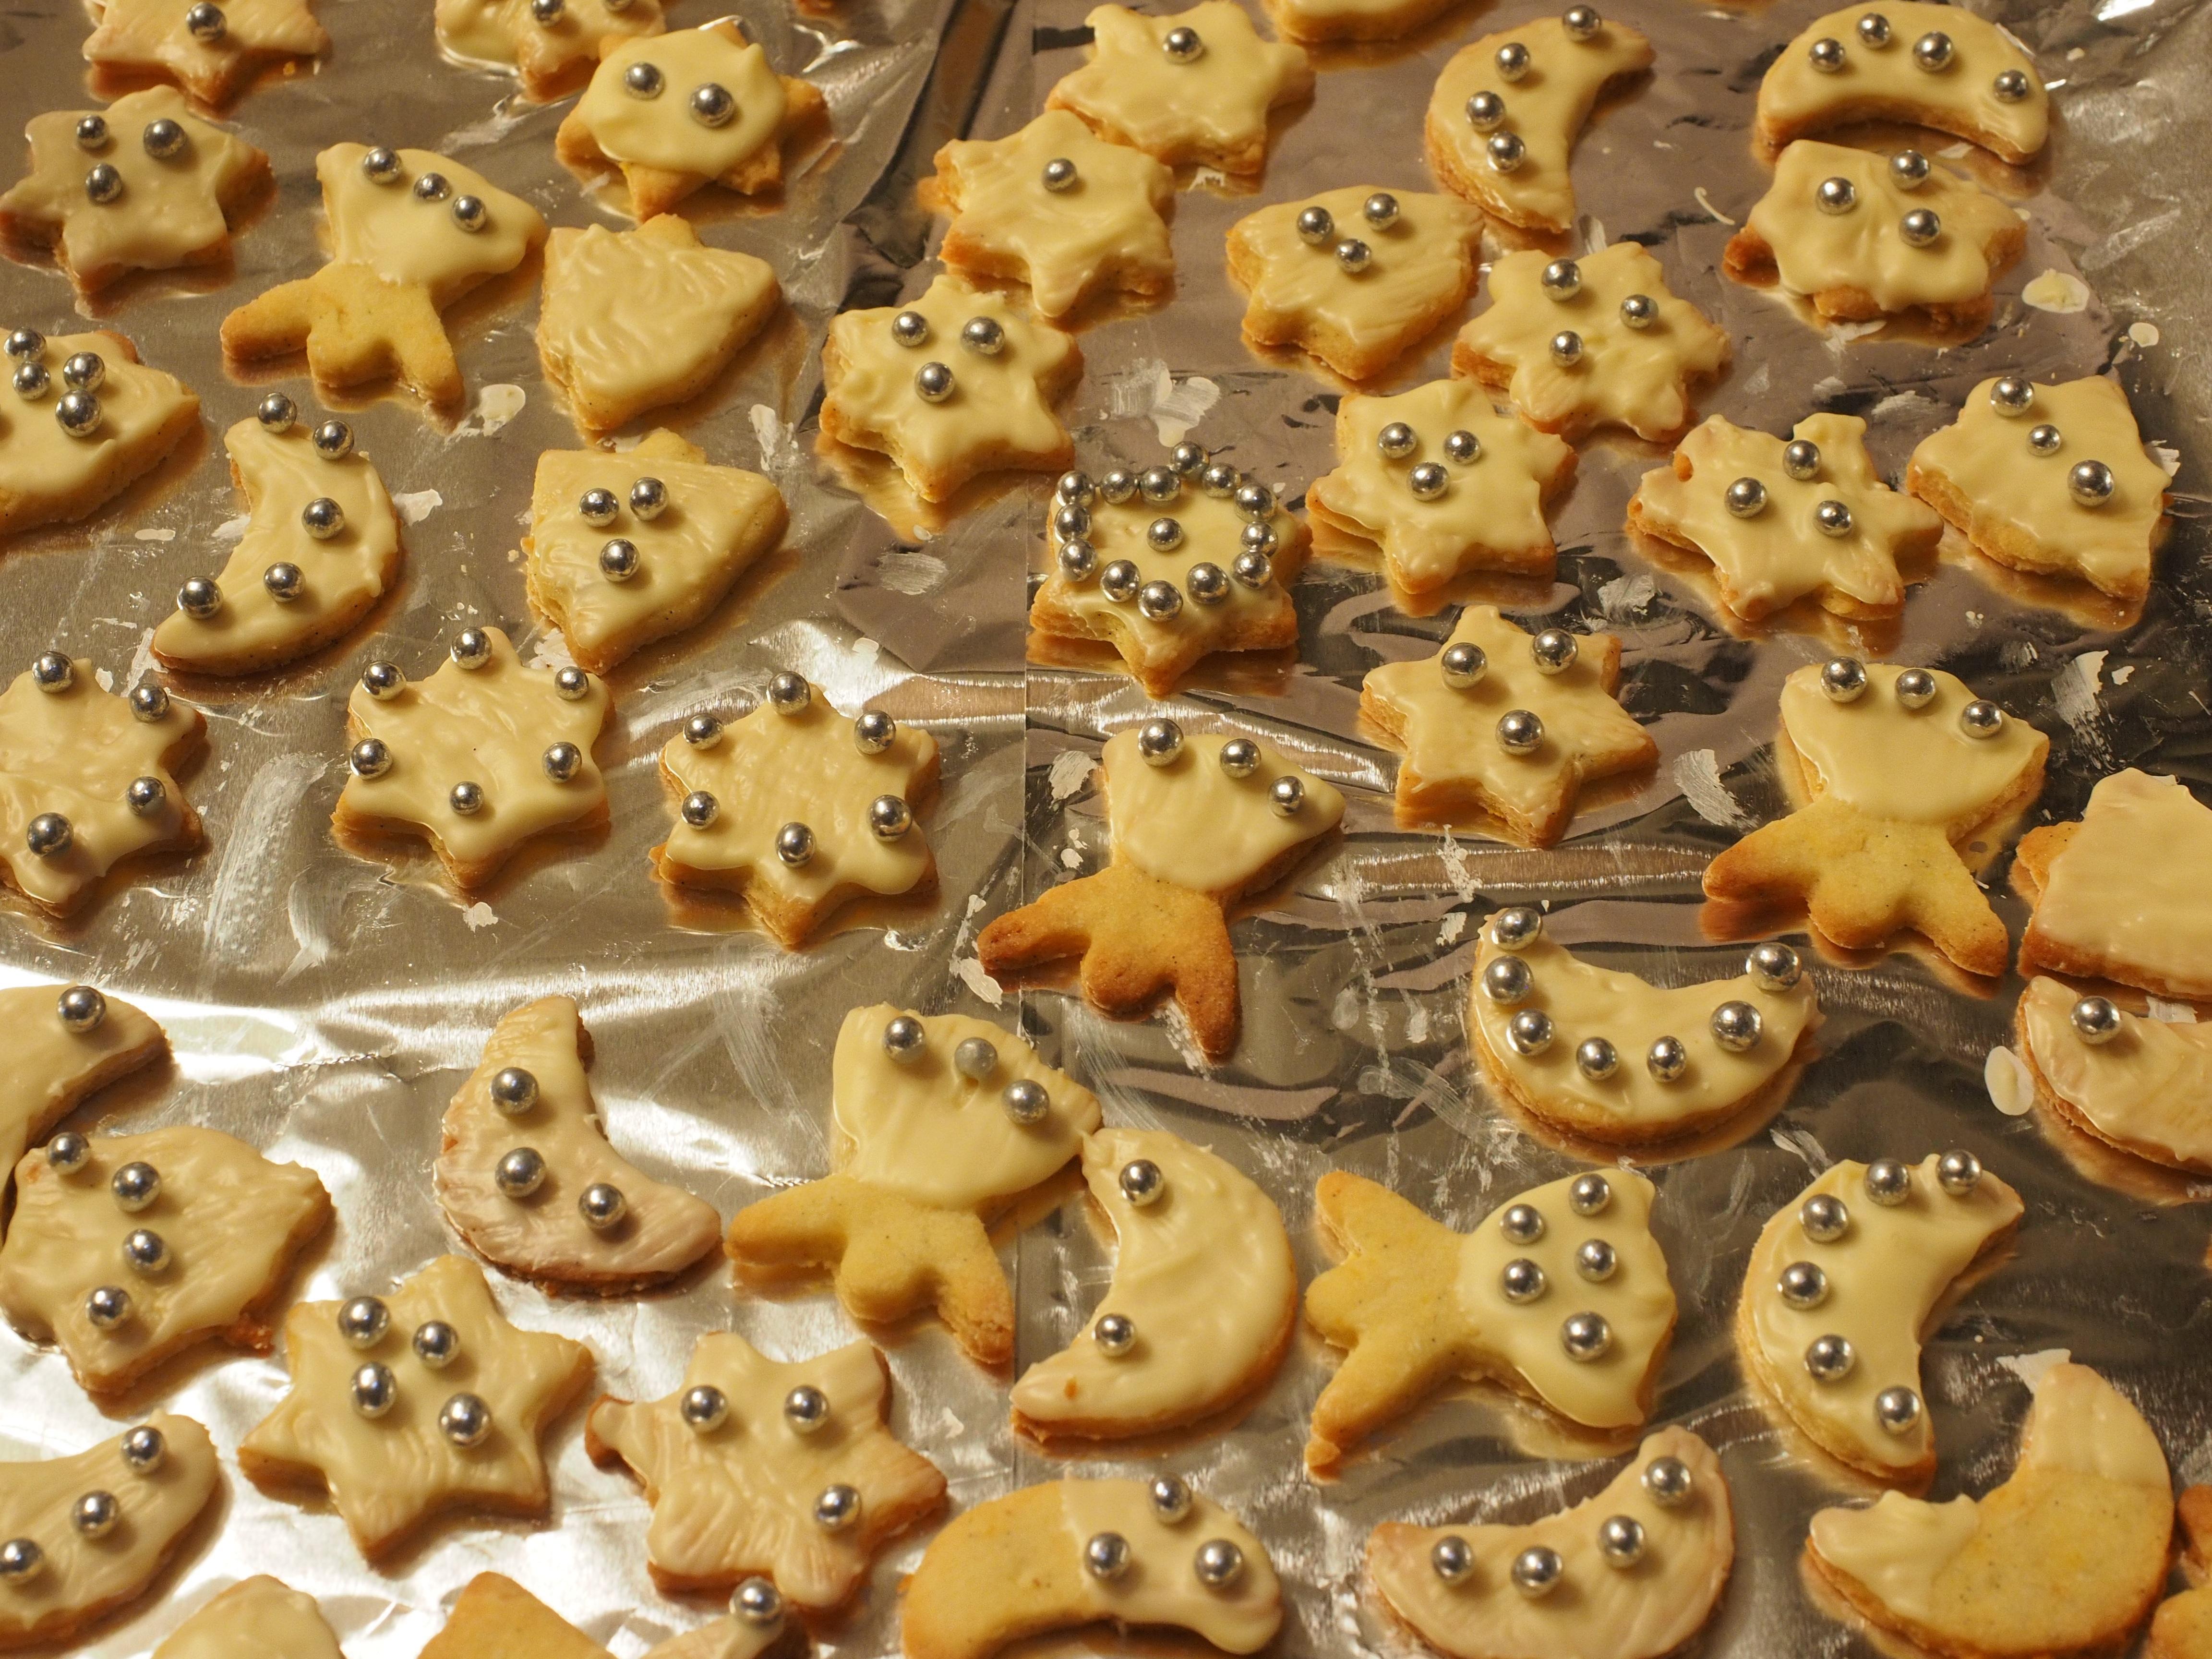 Kekse Backen Weihnachten.Kostenlose Foto Gericht Lebensmittel Backen Weihnachten